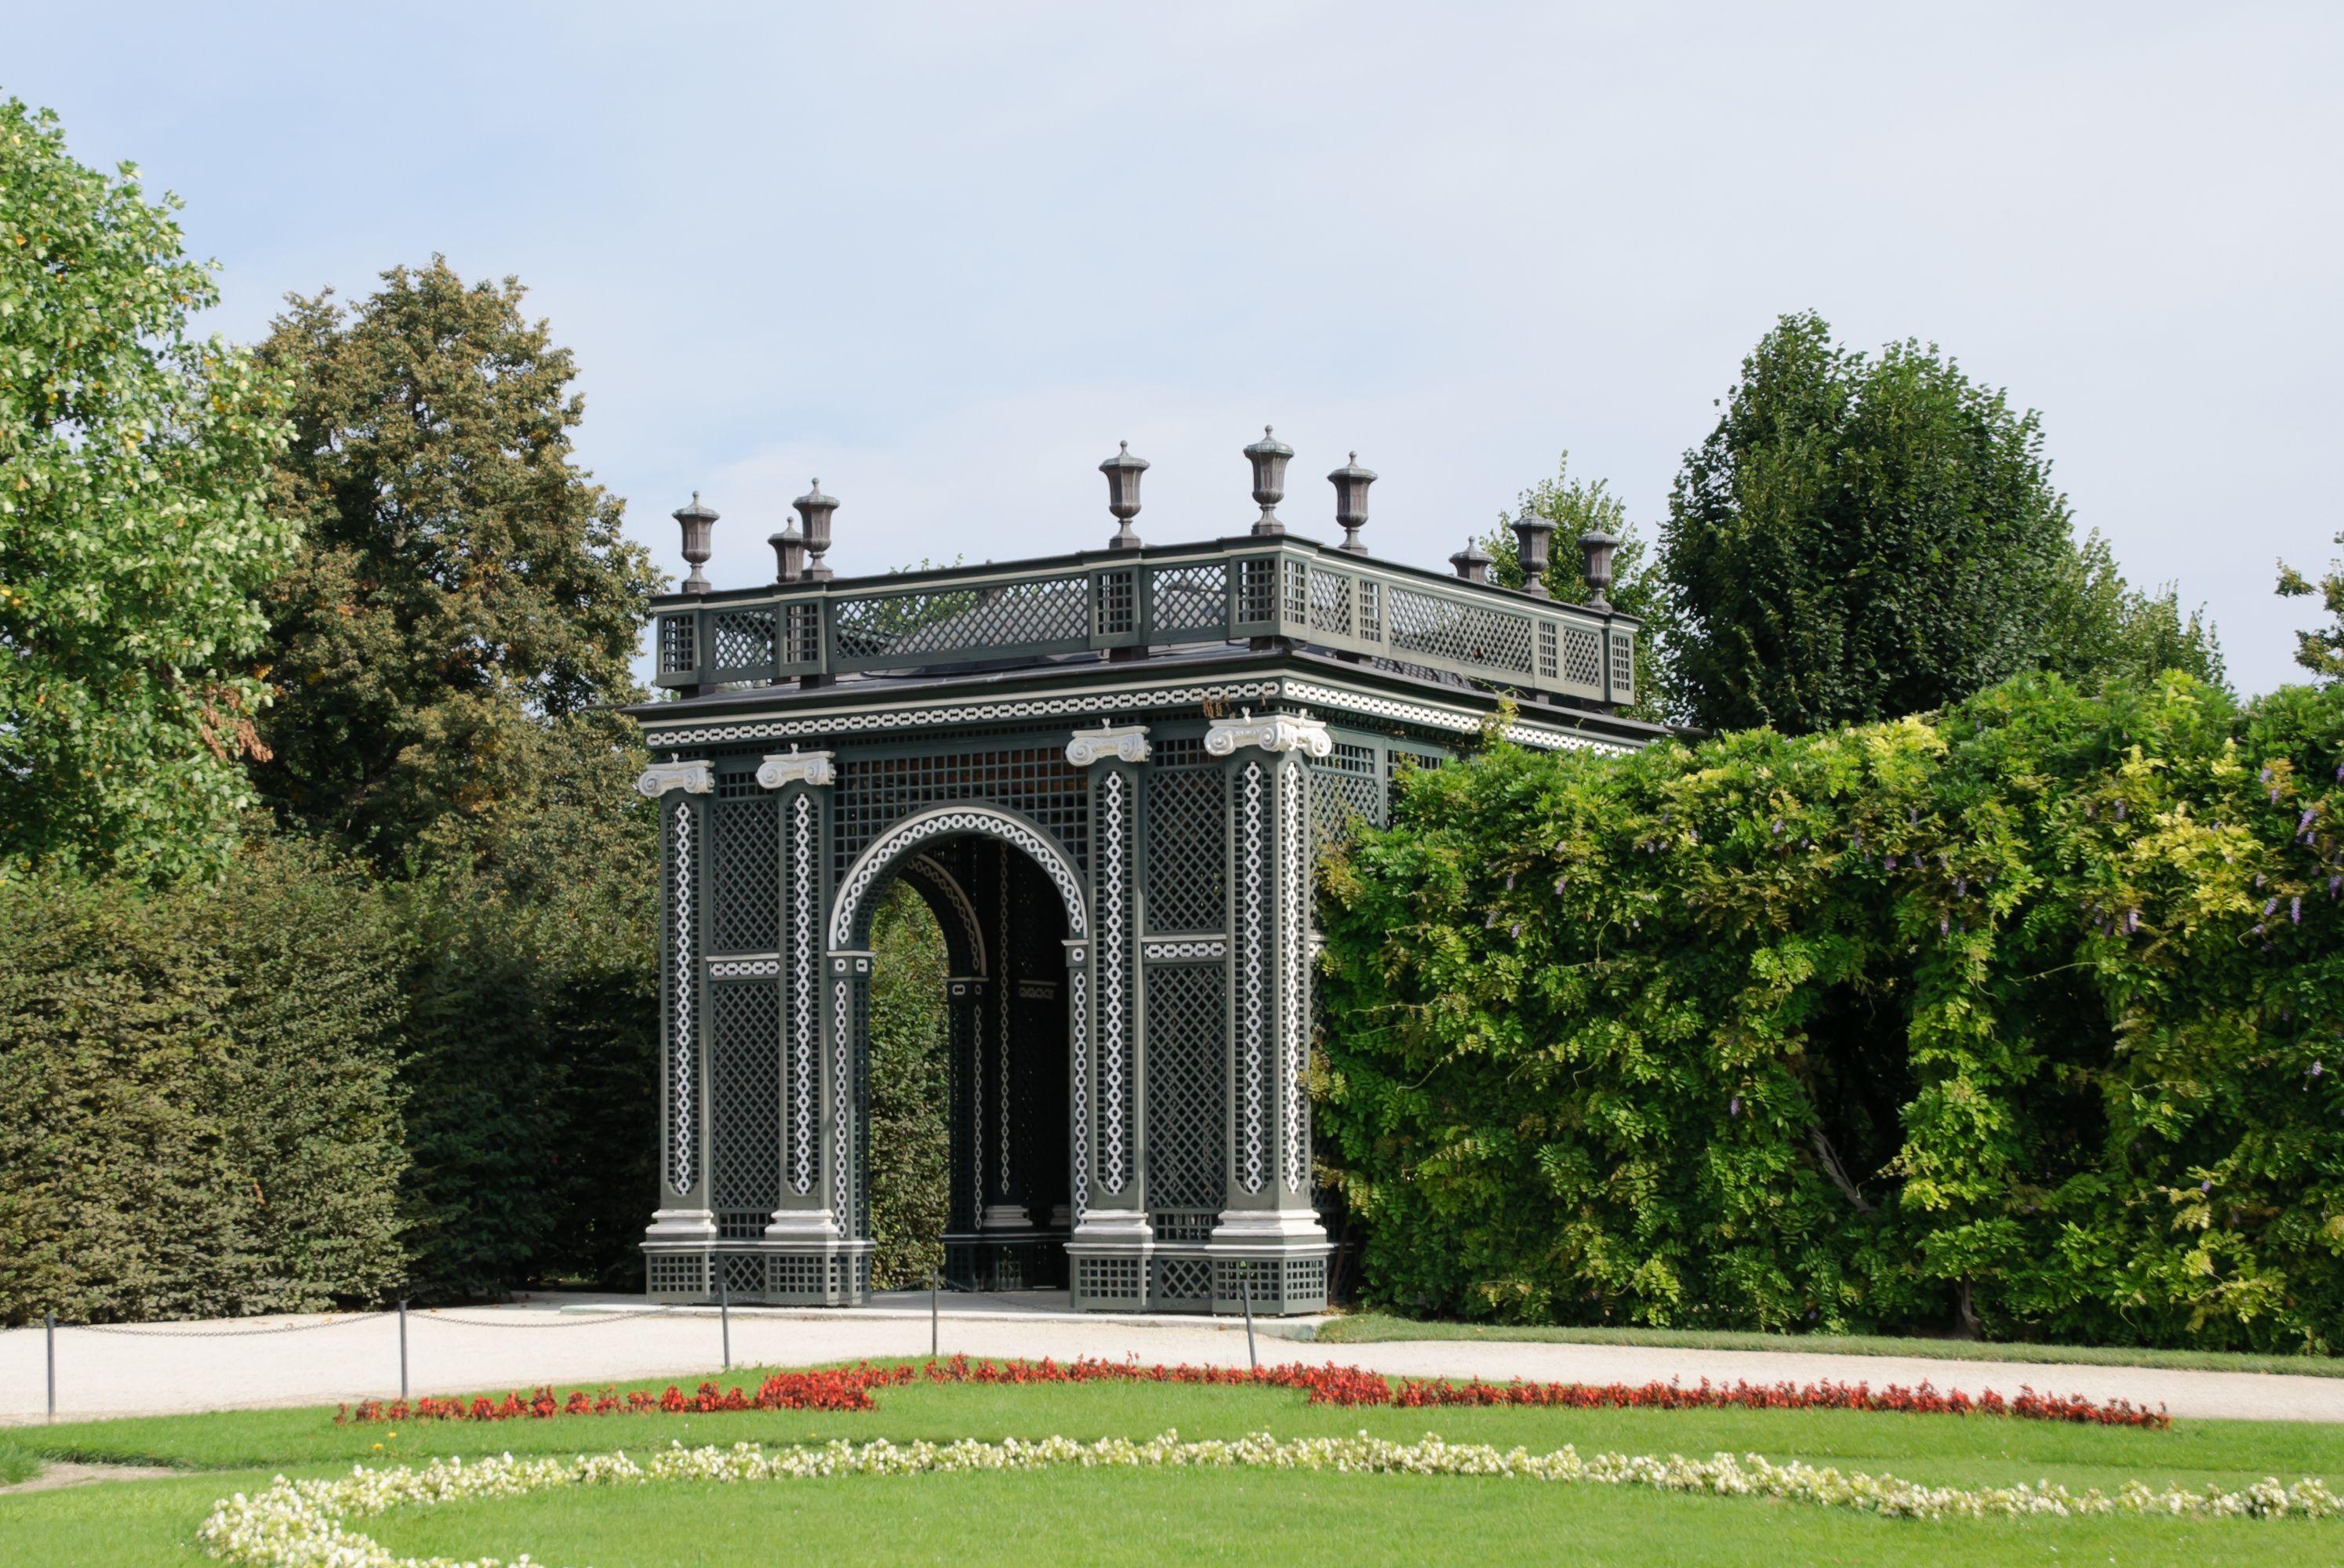 Kammergarten Pavilion Schonbrunn Wien Schonbrunn Schloss Schonbrunn Wien